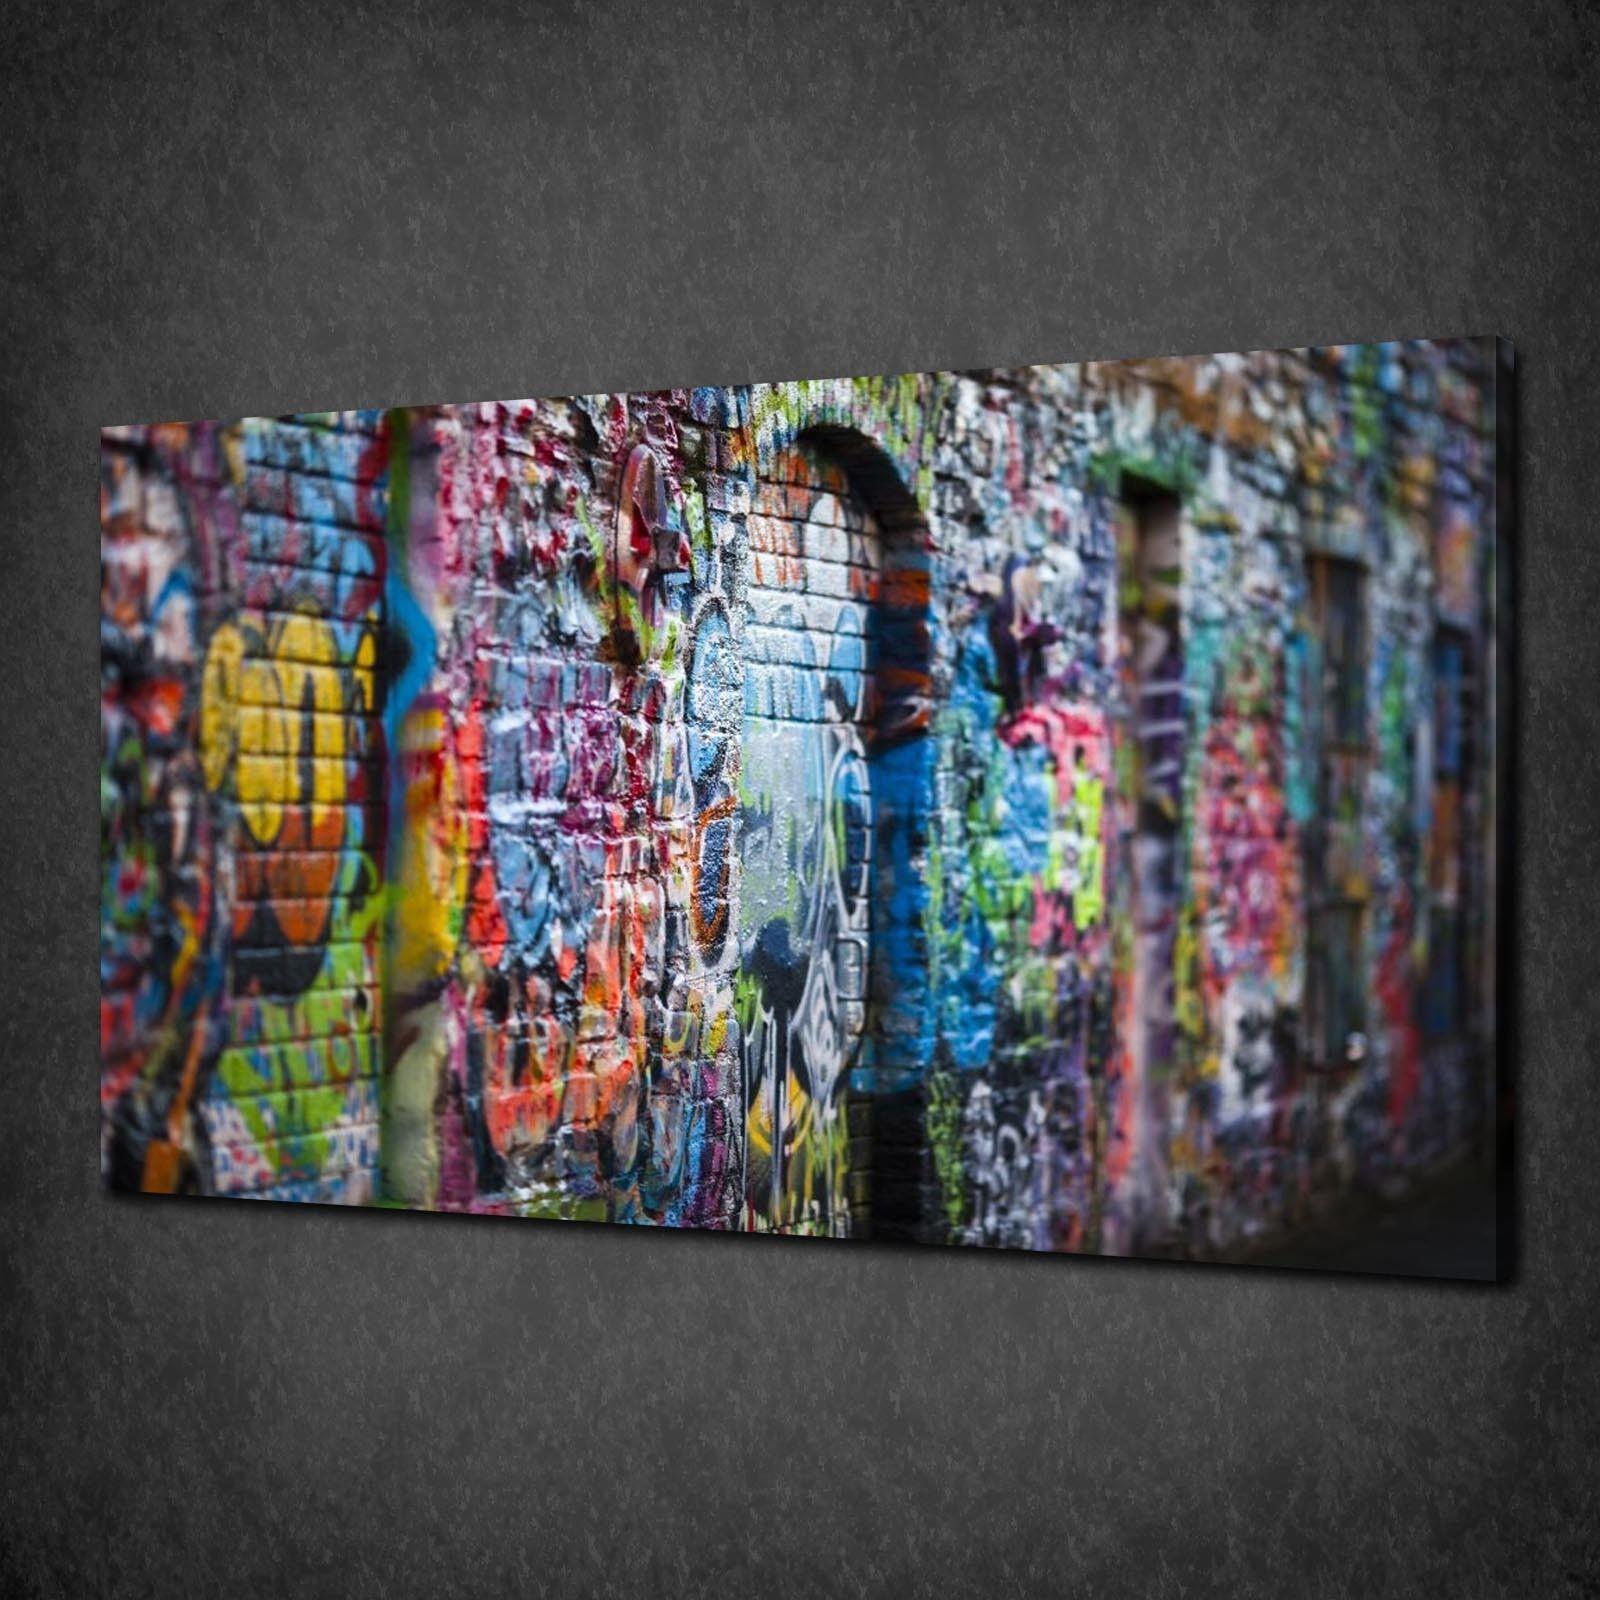 Graffiti Photo sur toile Imprimer Wall Hanging Art Home Decor livraison gratuite